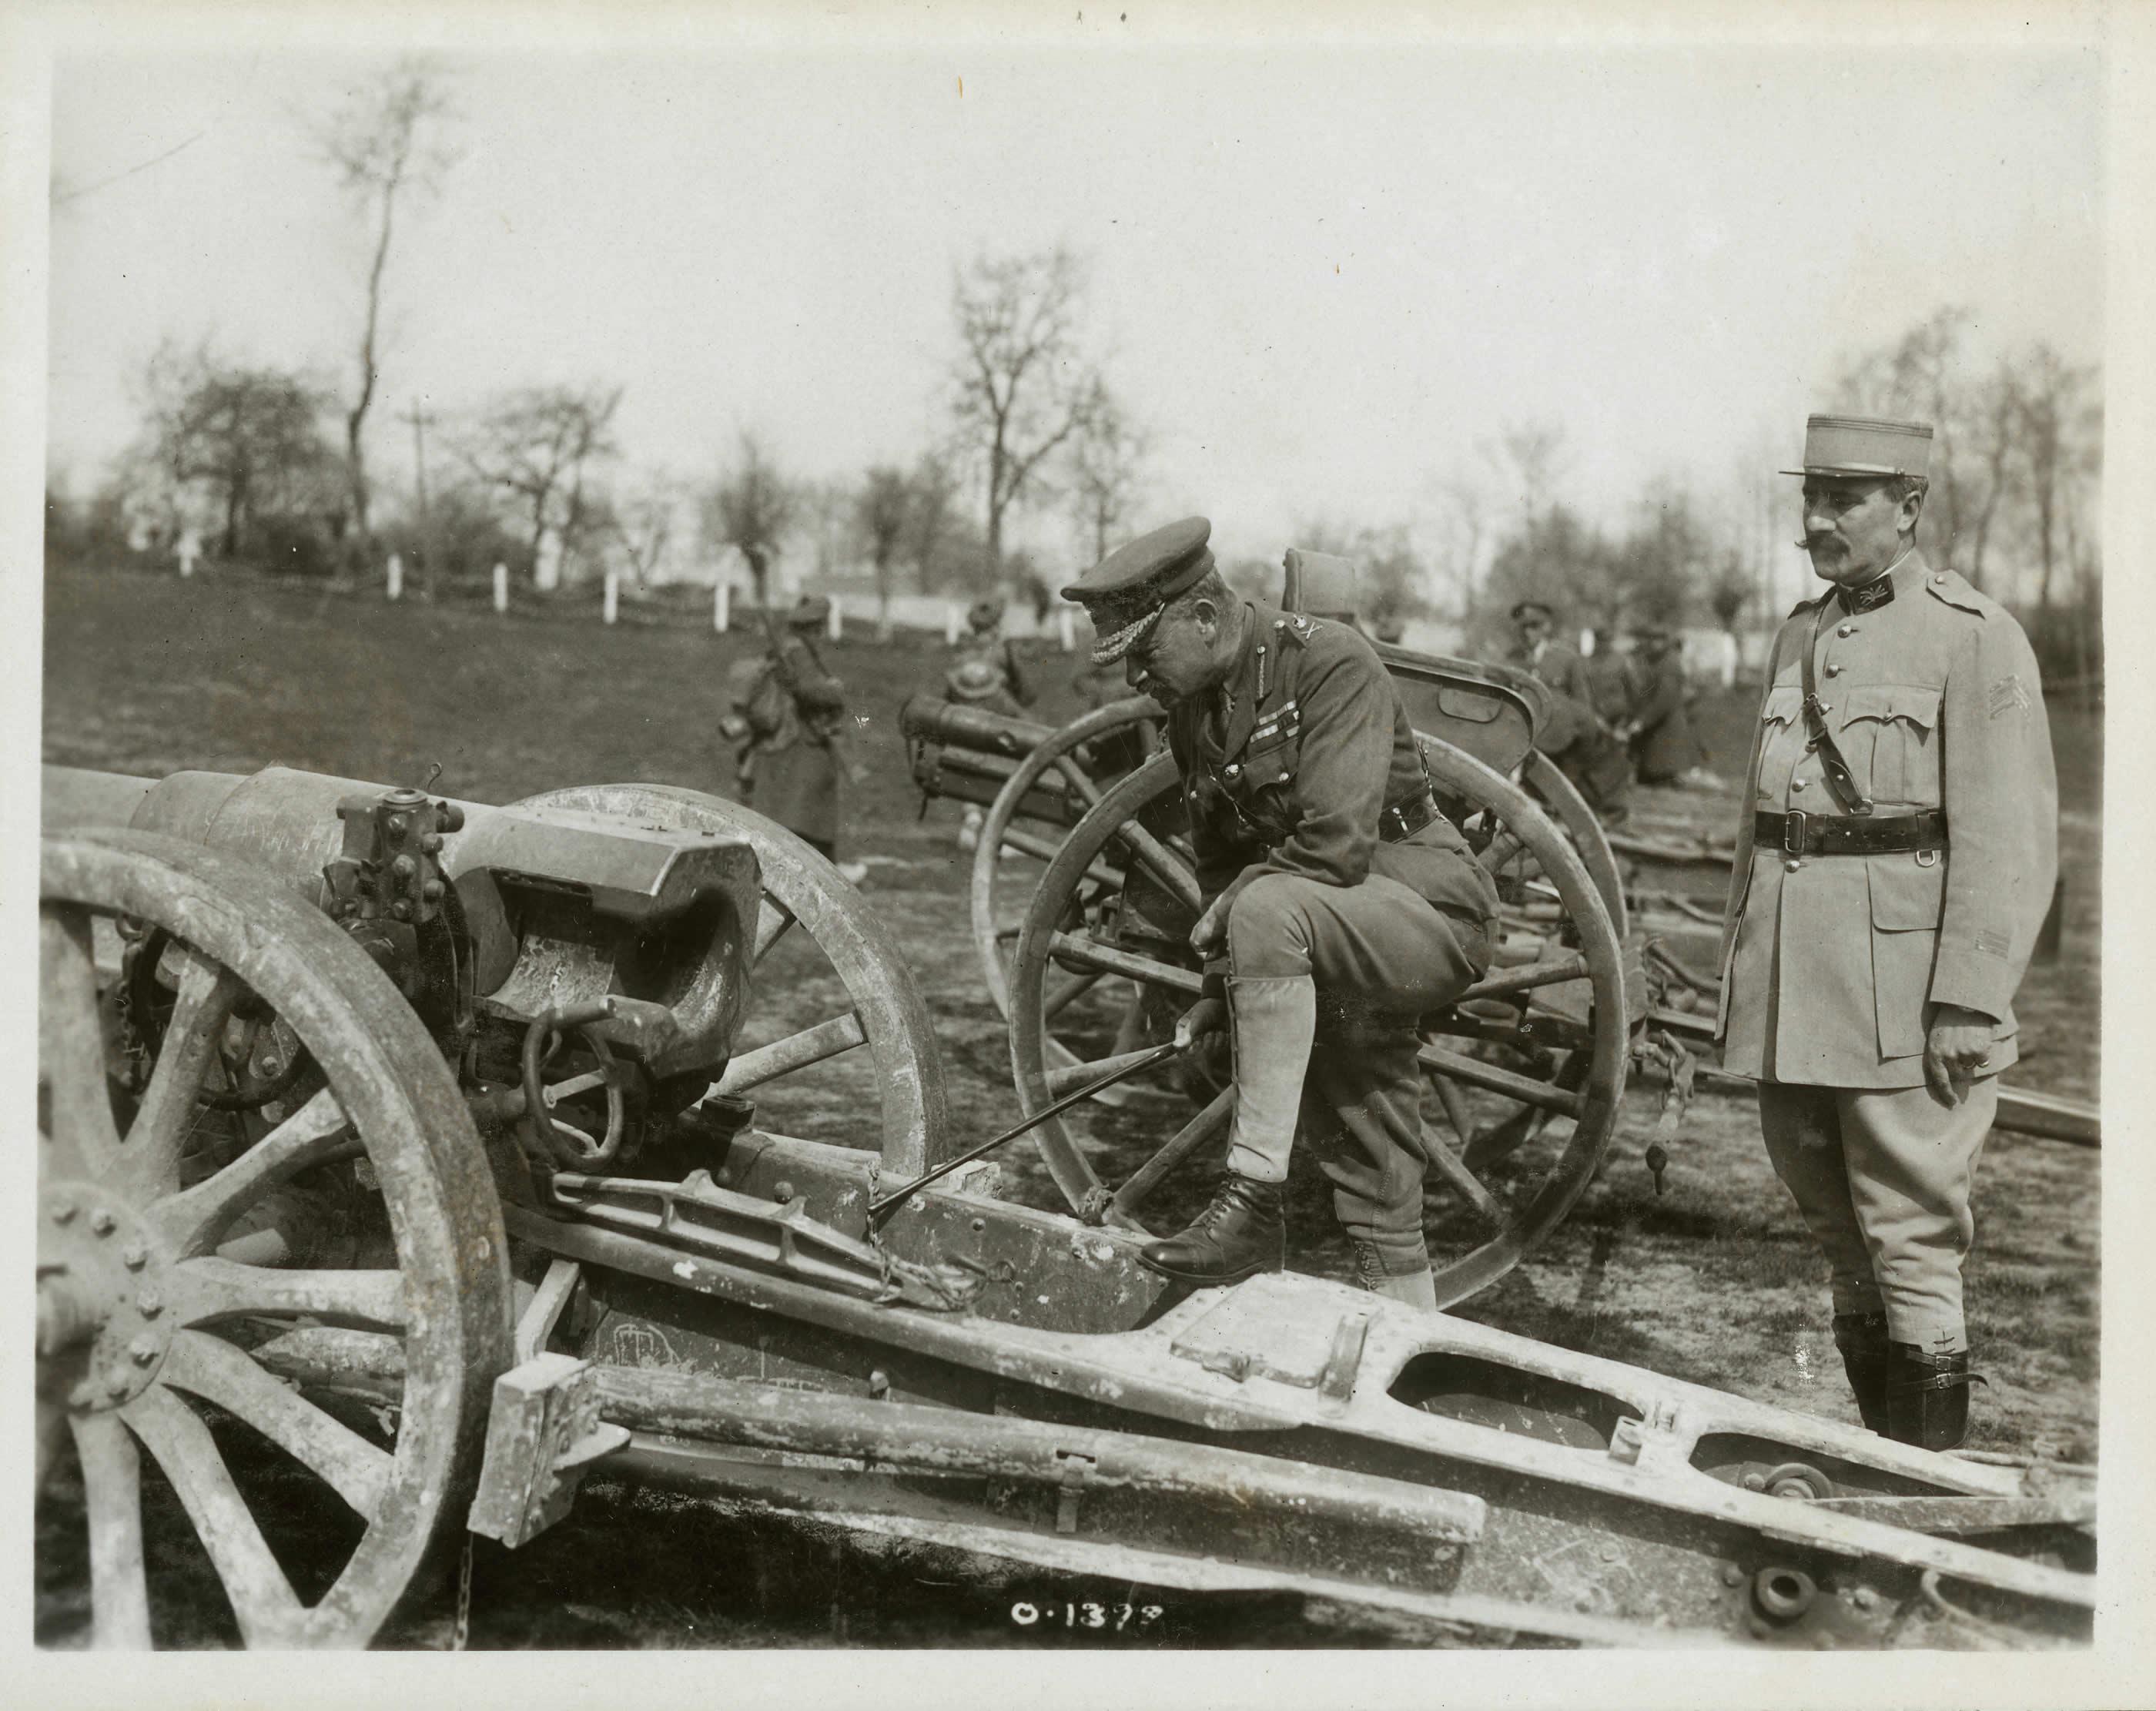 Byng en train d'inspecter des canons pris à l'ennemi